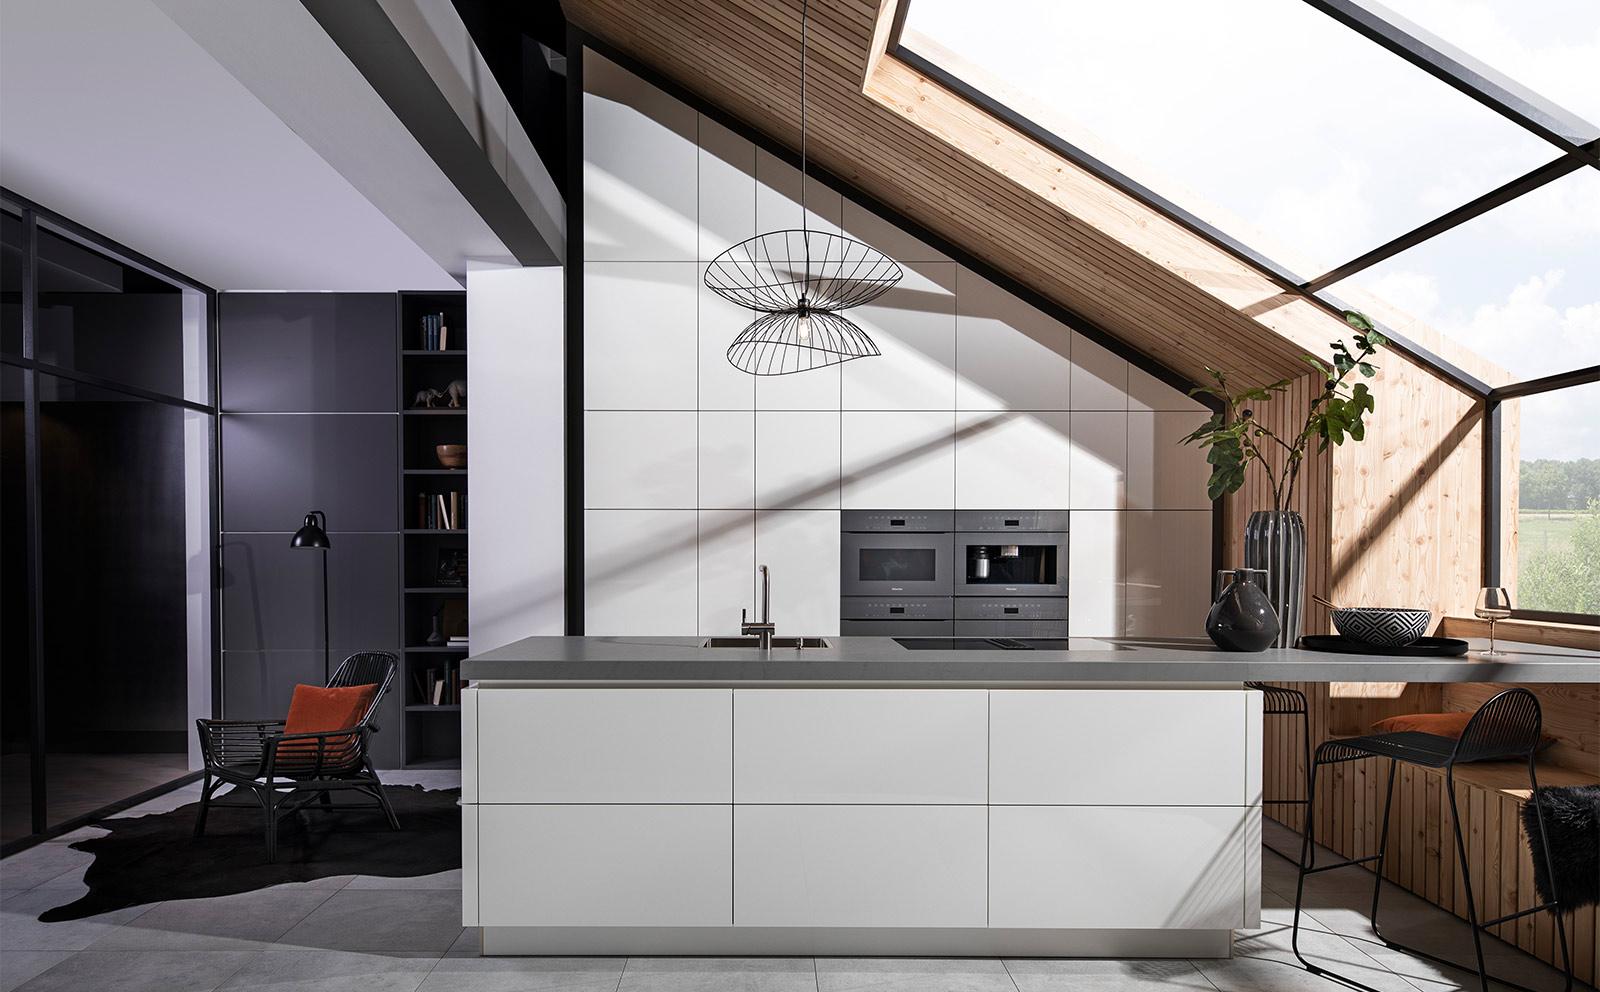 Küche in einer Dachschräge